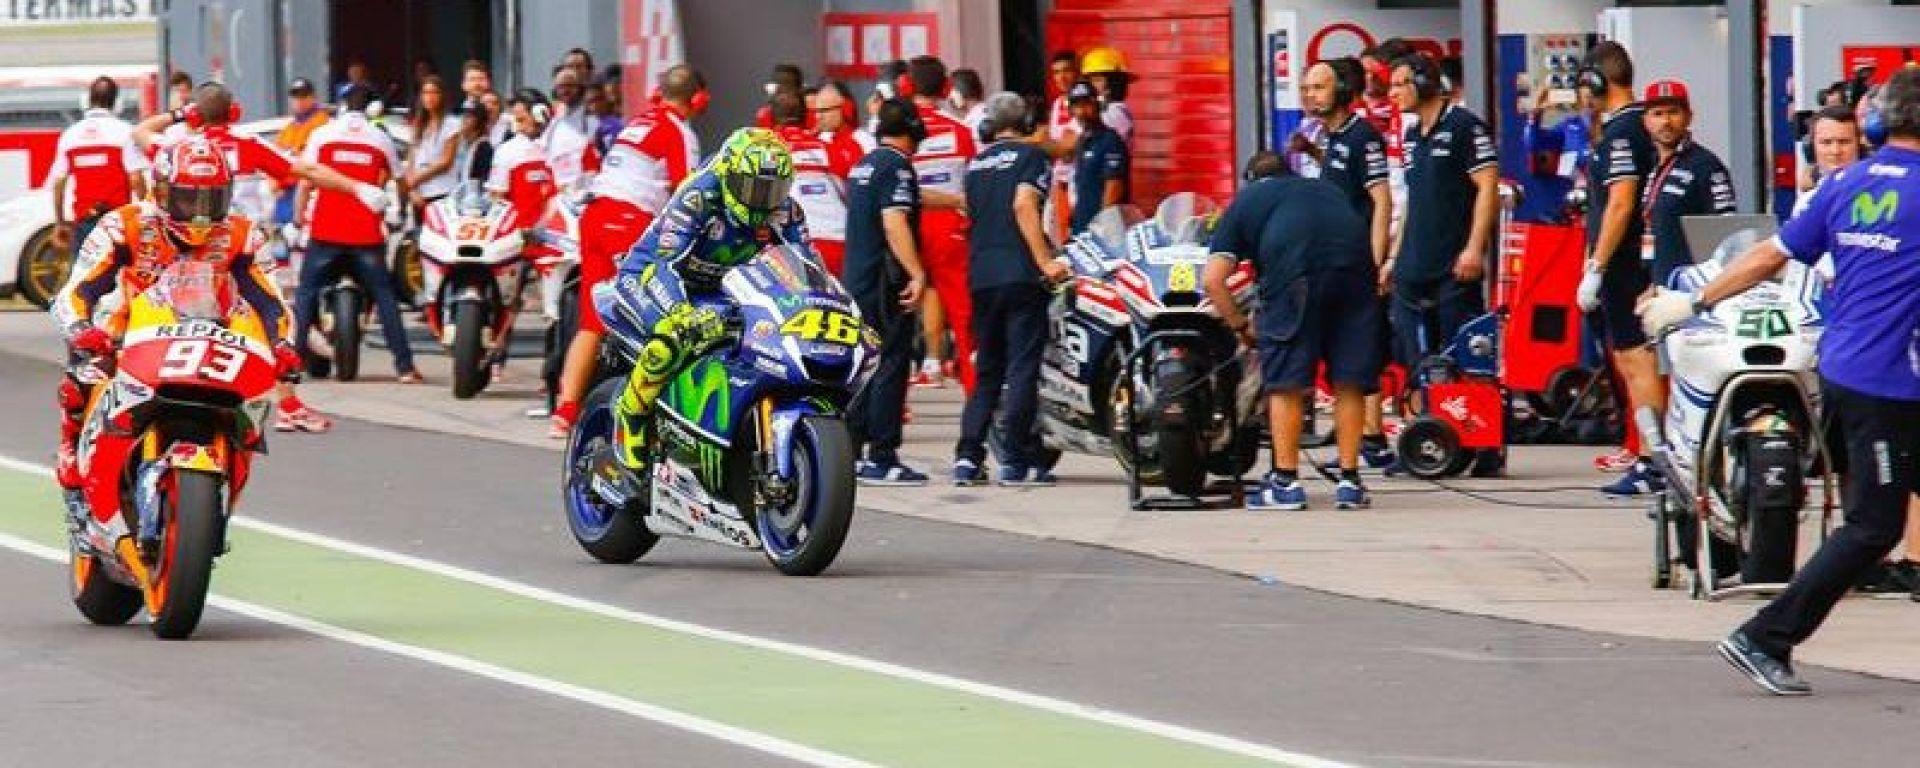 MotoGP, cambiano le regole in caso di gara interrotta